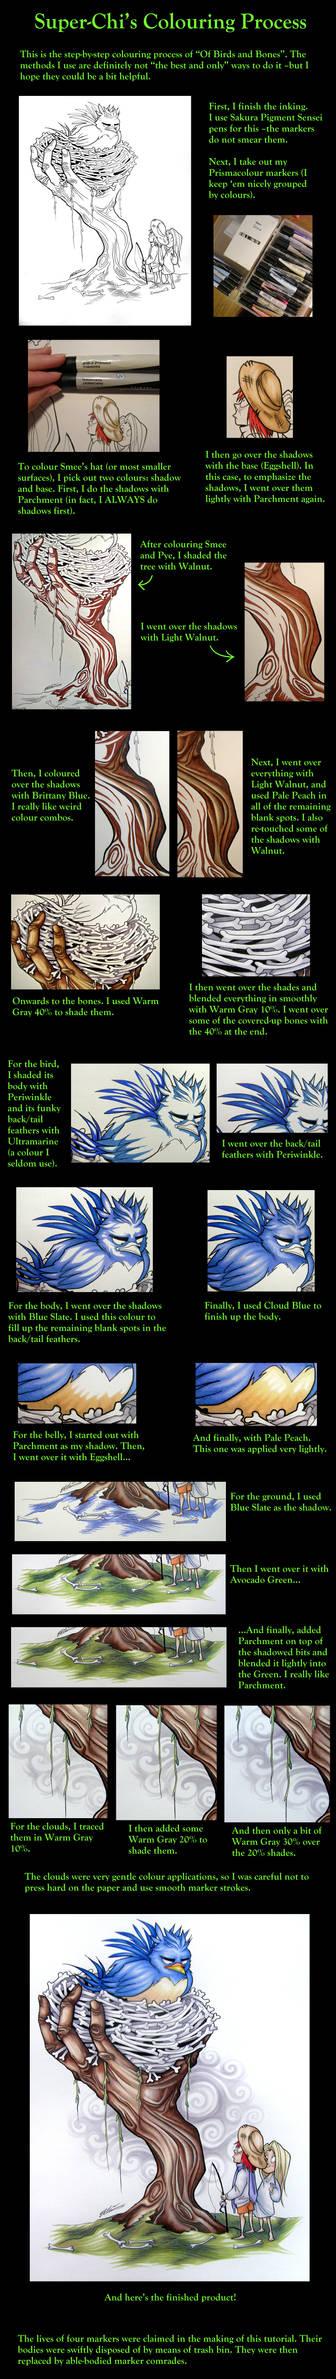 Super-Chi's colouring process